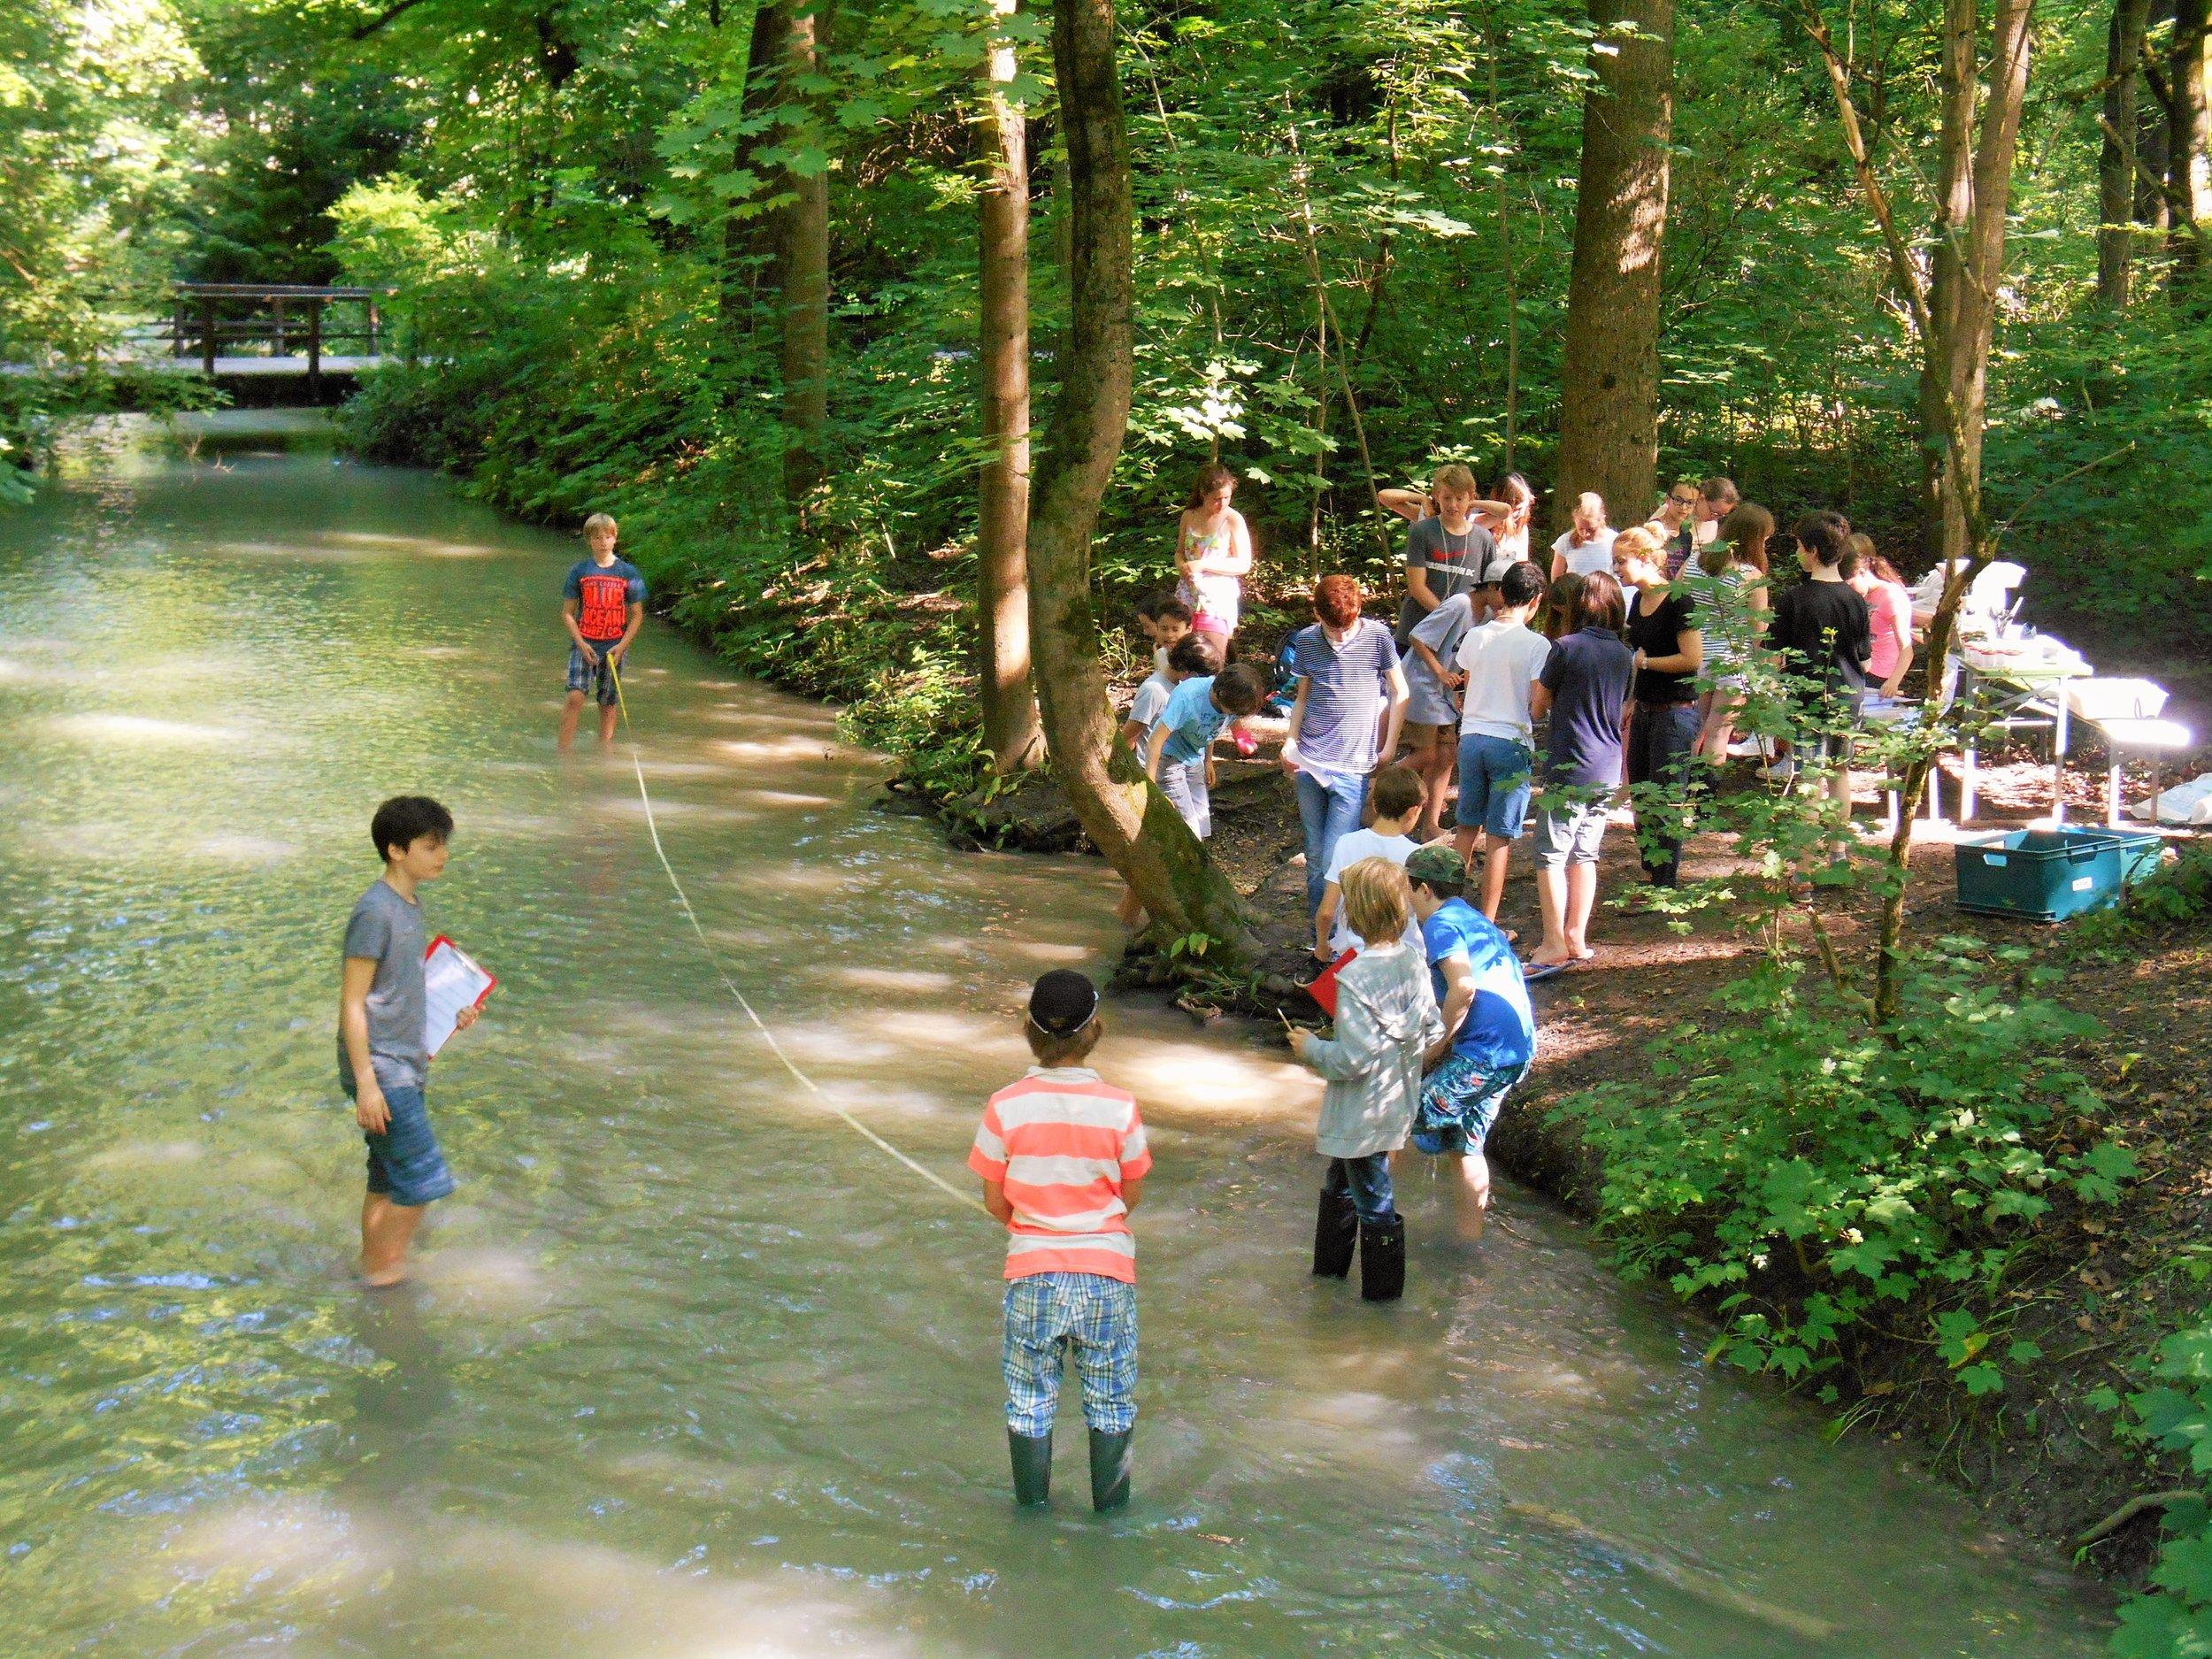 6. Klasse Bei der Gewässer-Exkursion im Englischen Garten